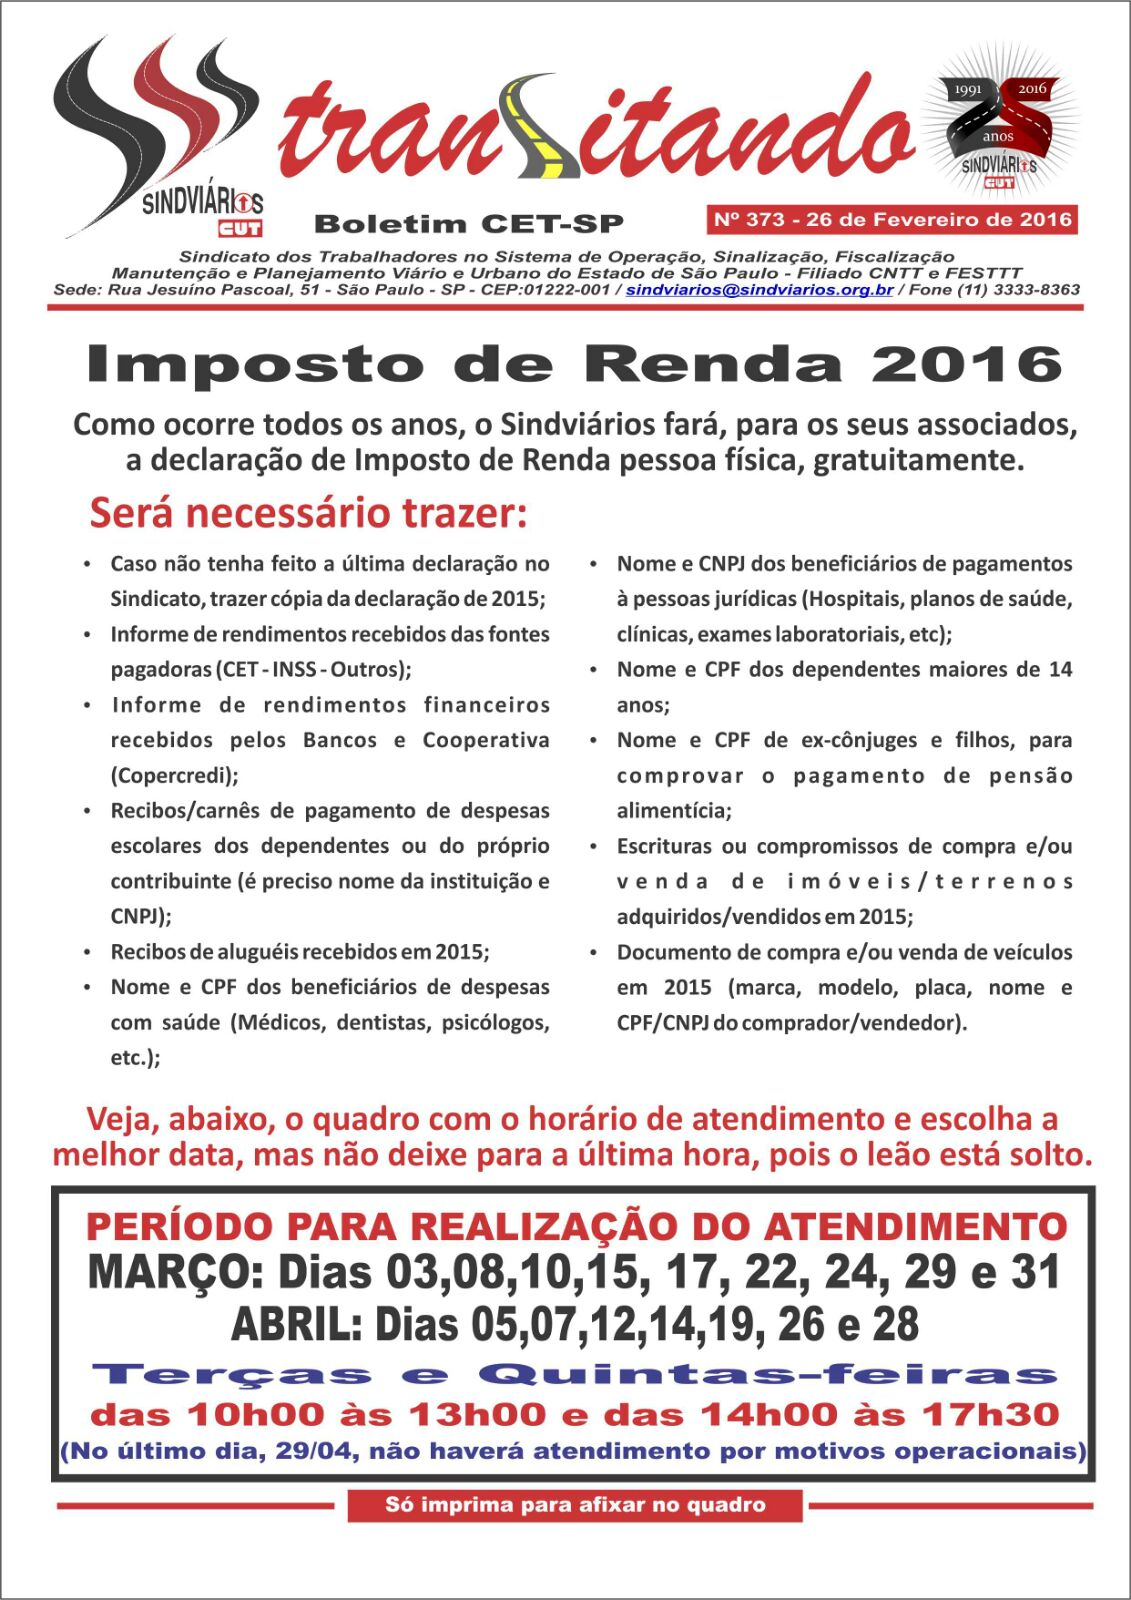 Transitando - Sindviário - 26 de Fevereiro 2016